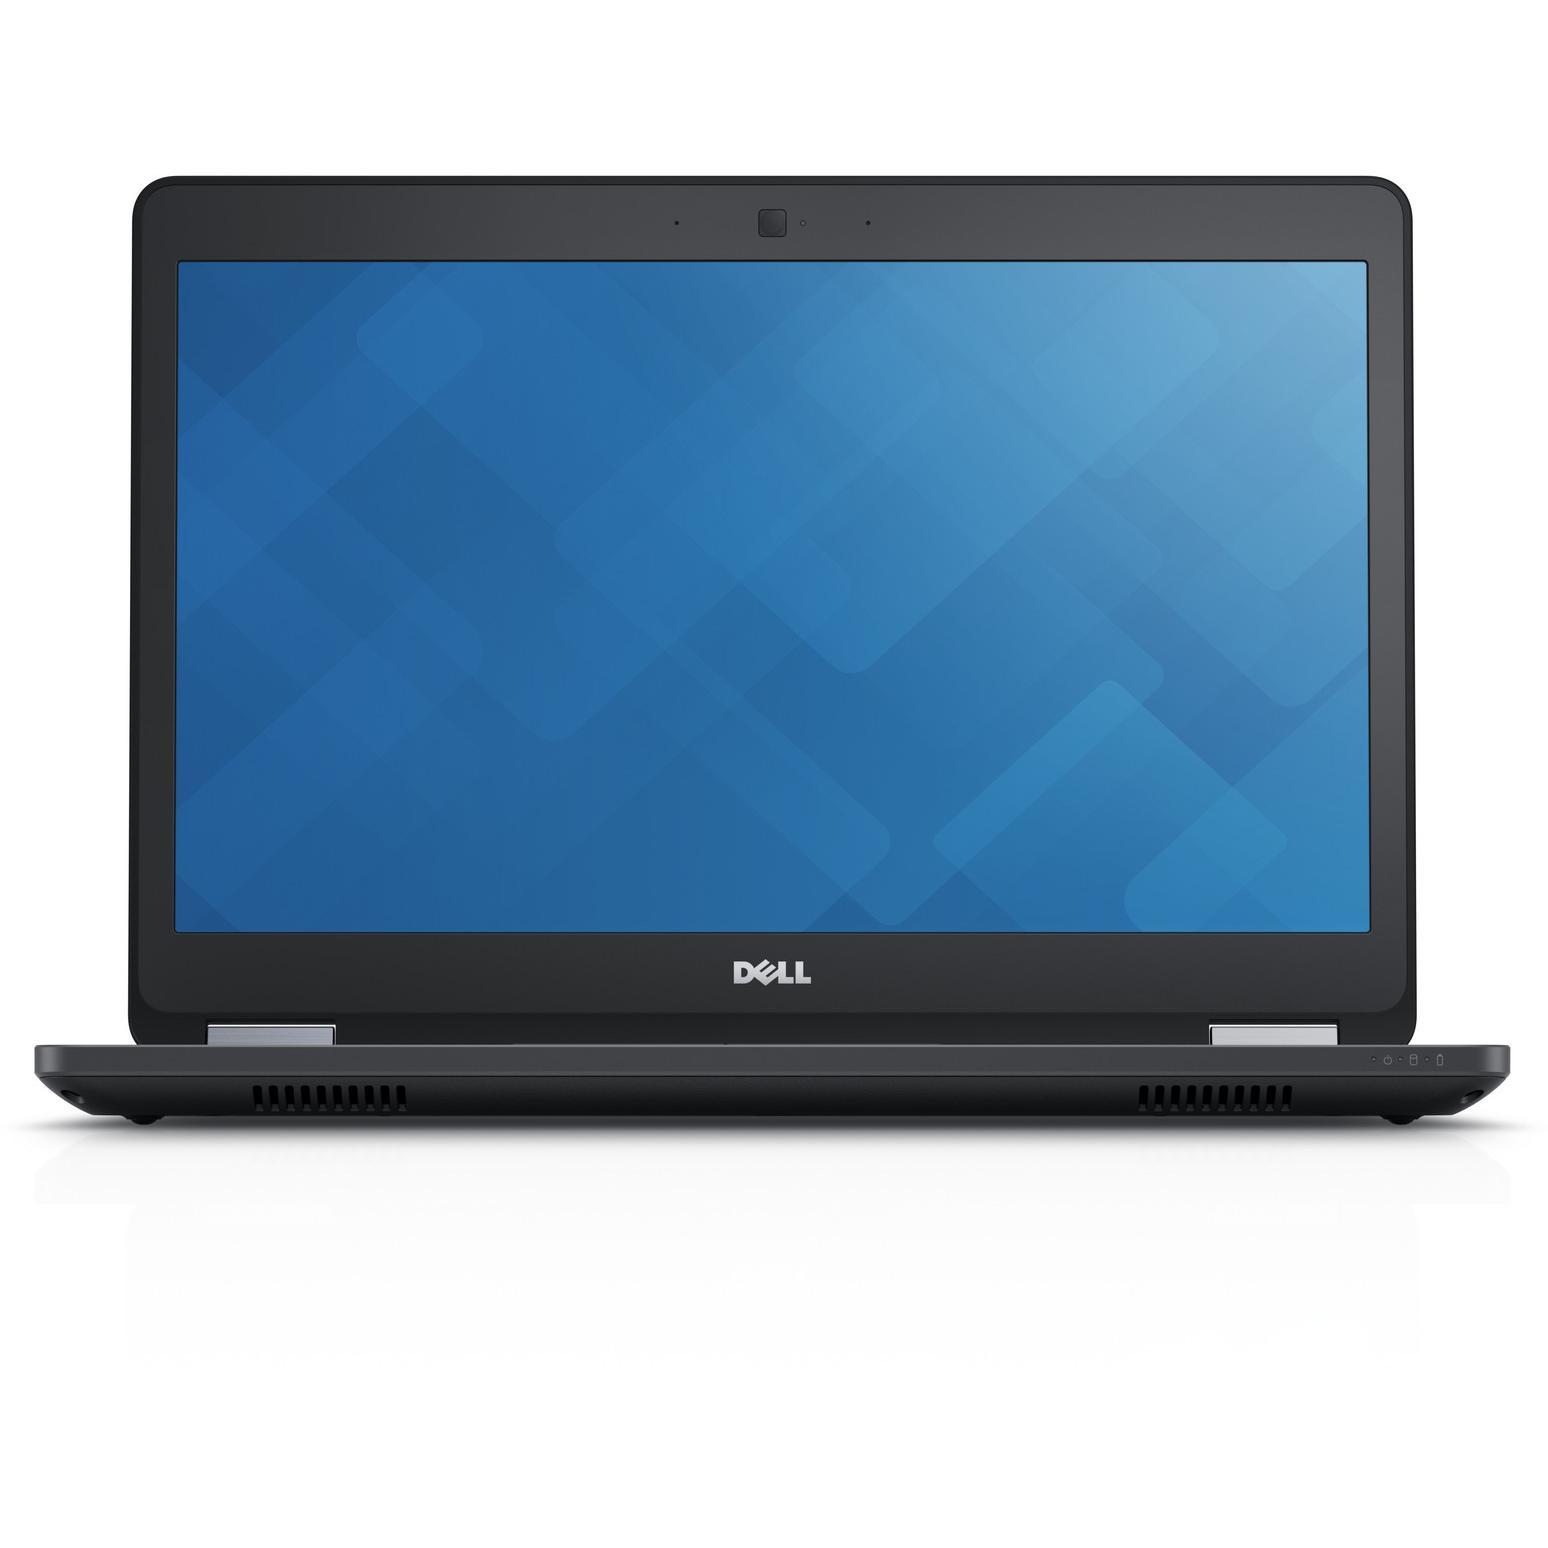 Dell Latitude 5480 14-tum (2017) - Core i5-6300U - 16GB - SSD 500 GB QWERTZ - Tyska